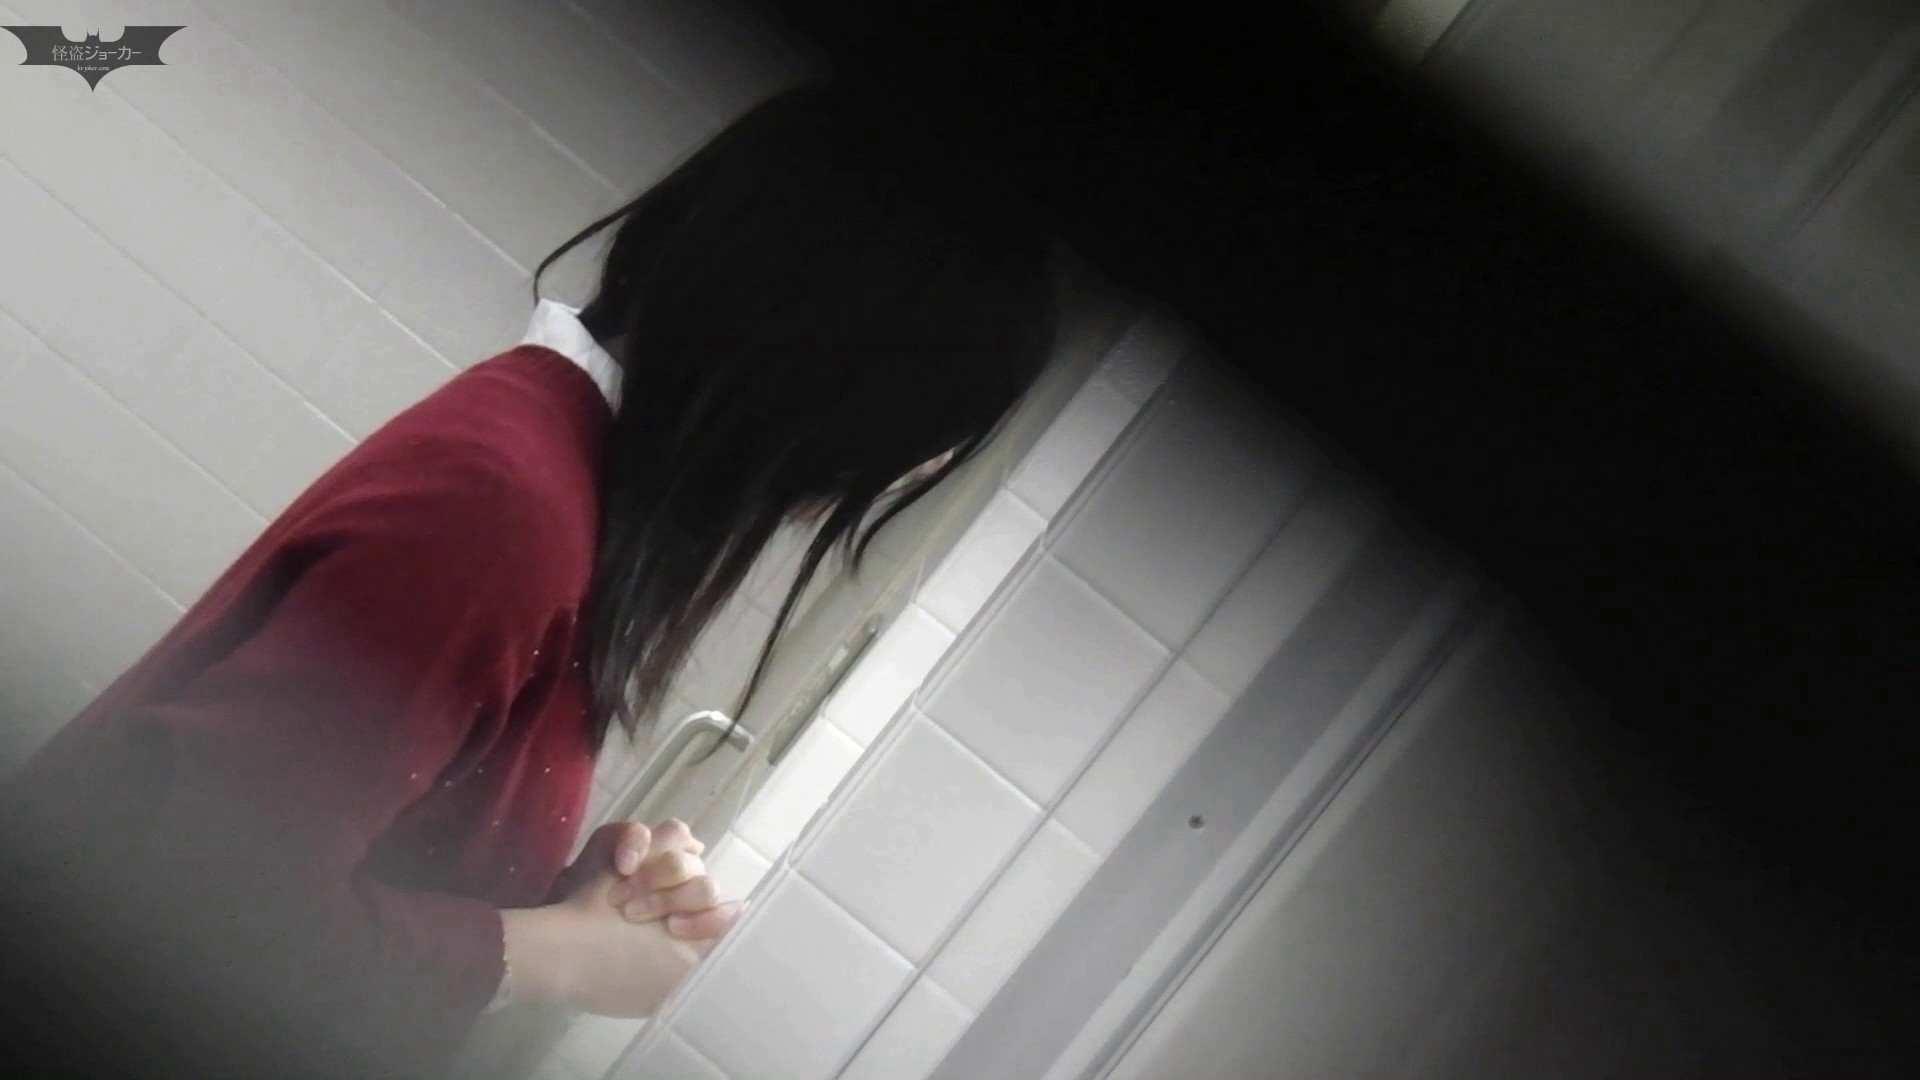 お銀さん vol.59 ピンチ!!「鏡の前で祈る女性」にばれる危機 高画質 ワレメ動画紹介 56画像 6